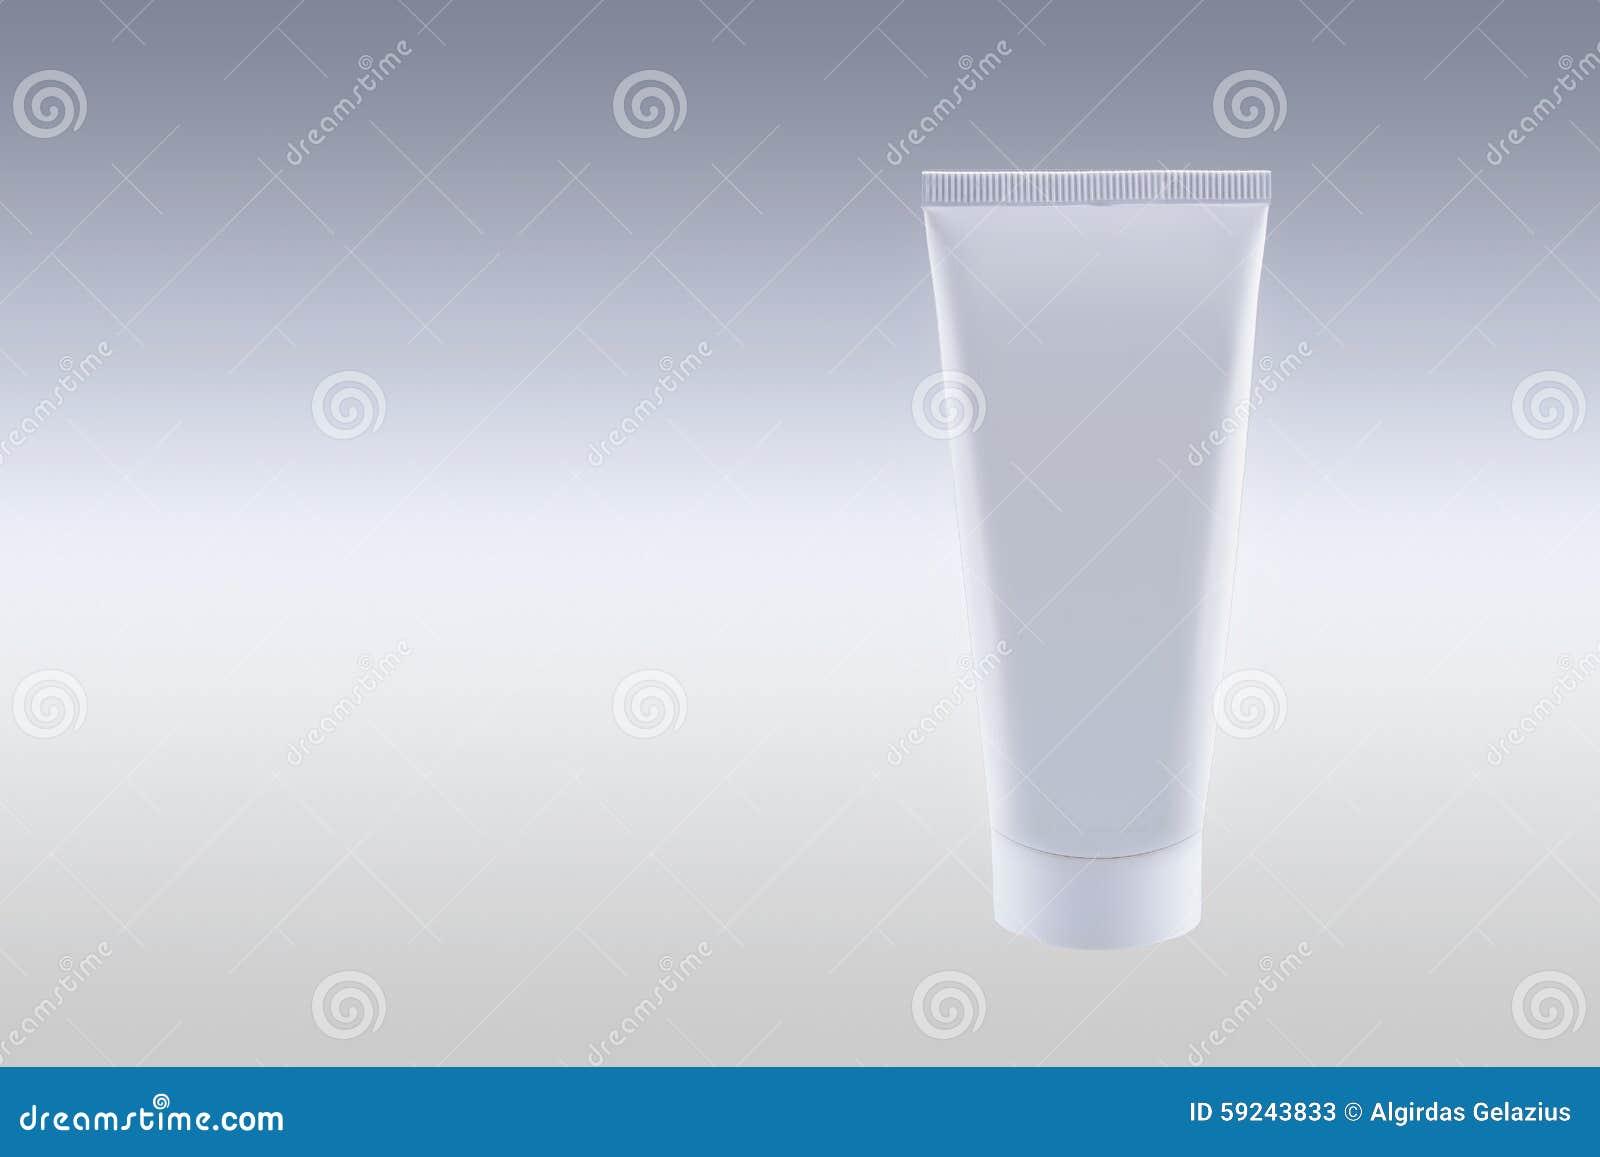 Download Tubo plástico blanco imagen de archivo. Imagen de limpio - 59243833